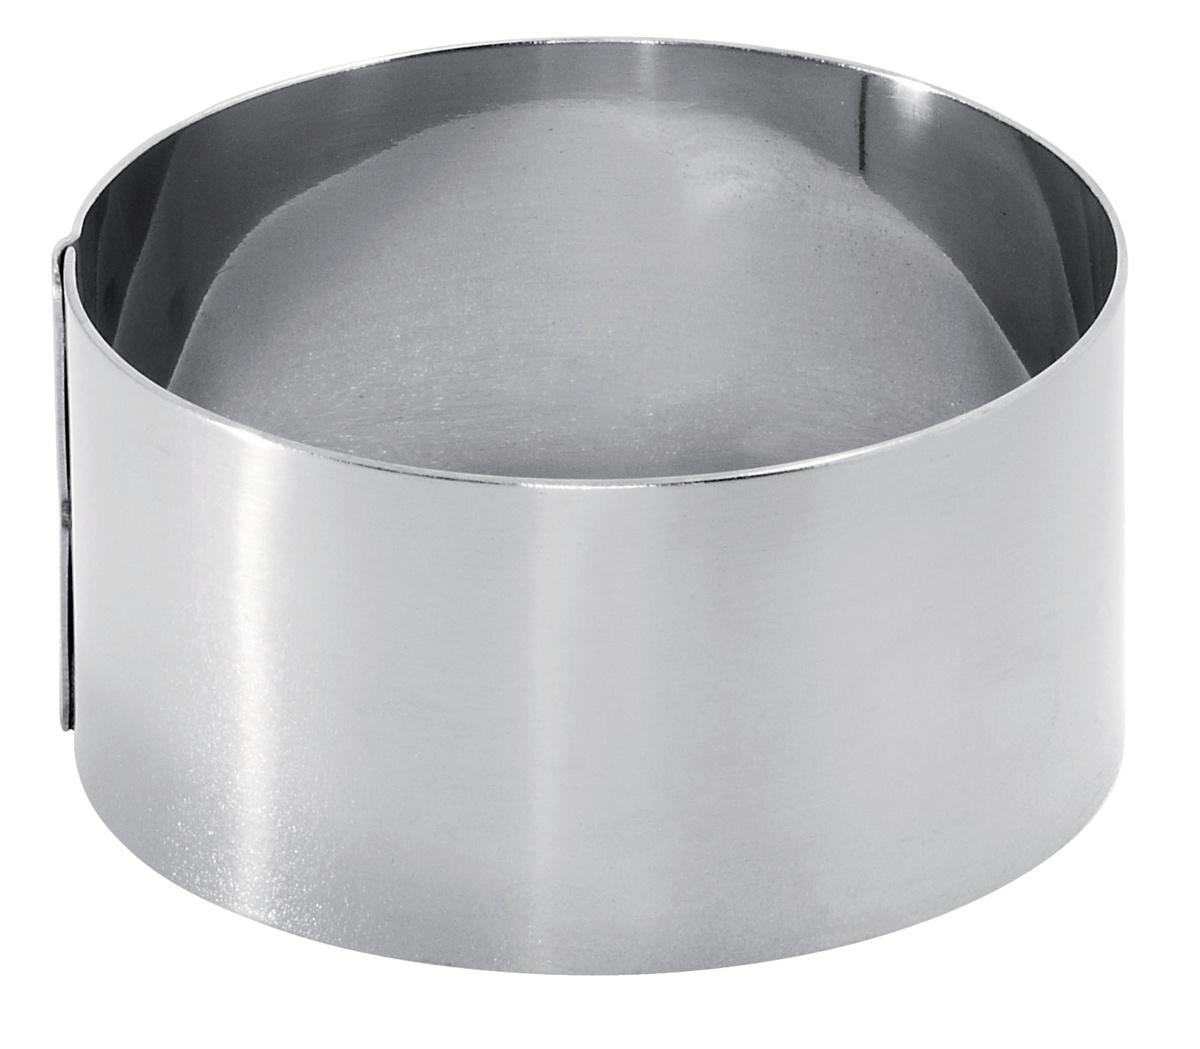 Cercle à mousse rond Ø 10 cm